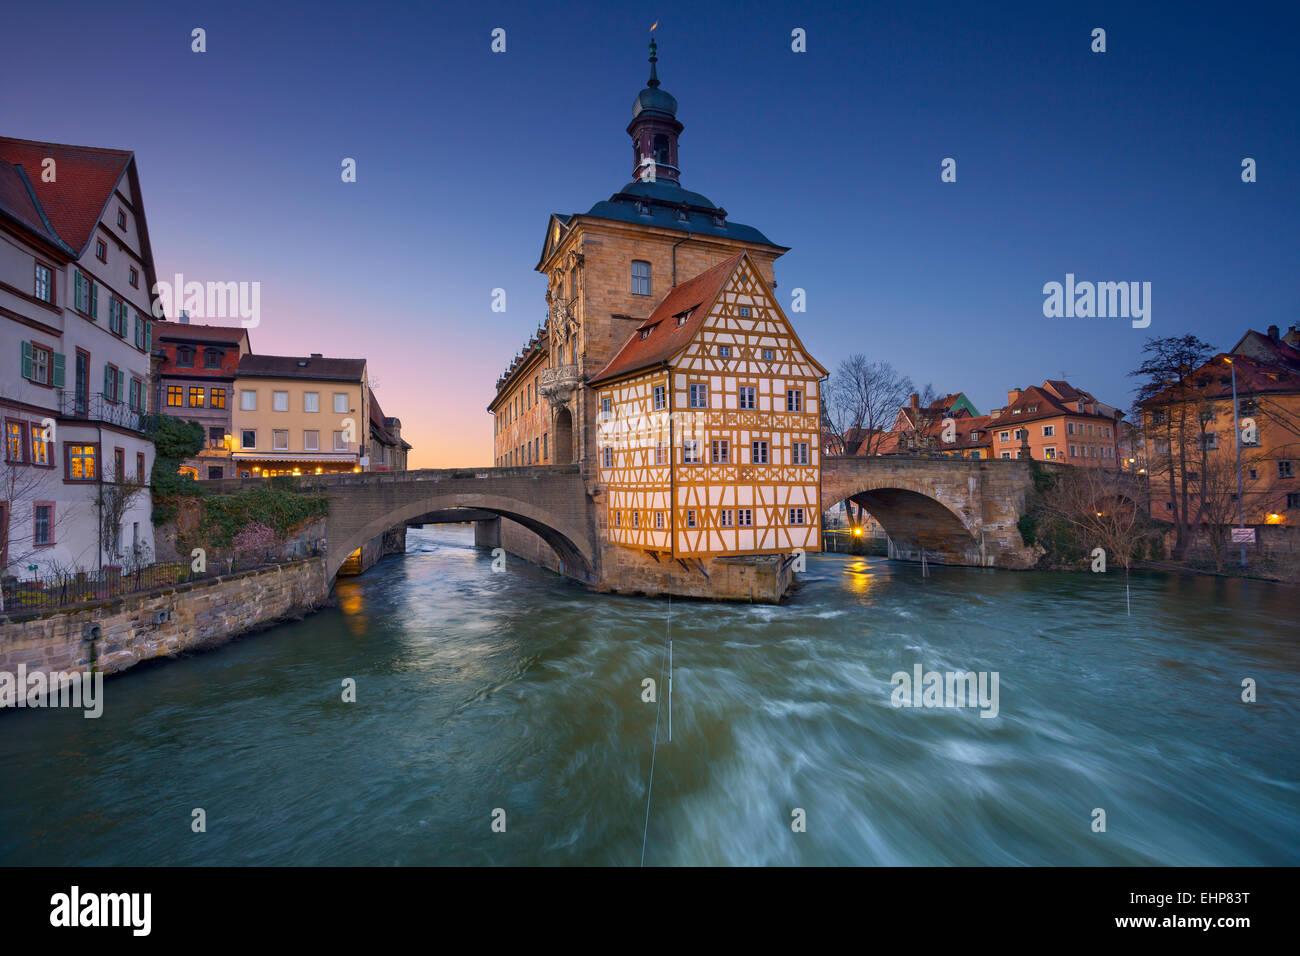 Bamberg. Ciudad de Bamberg durante la puesta de sol. Patrimonio Mundial de la UNESCO y famoso por su apariencia Imagen De Stock